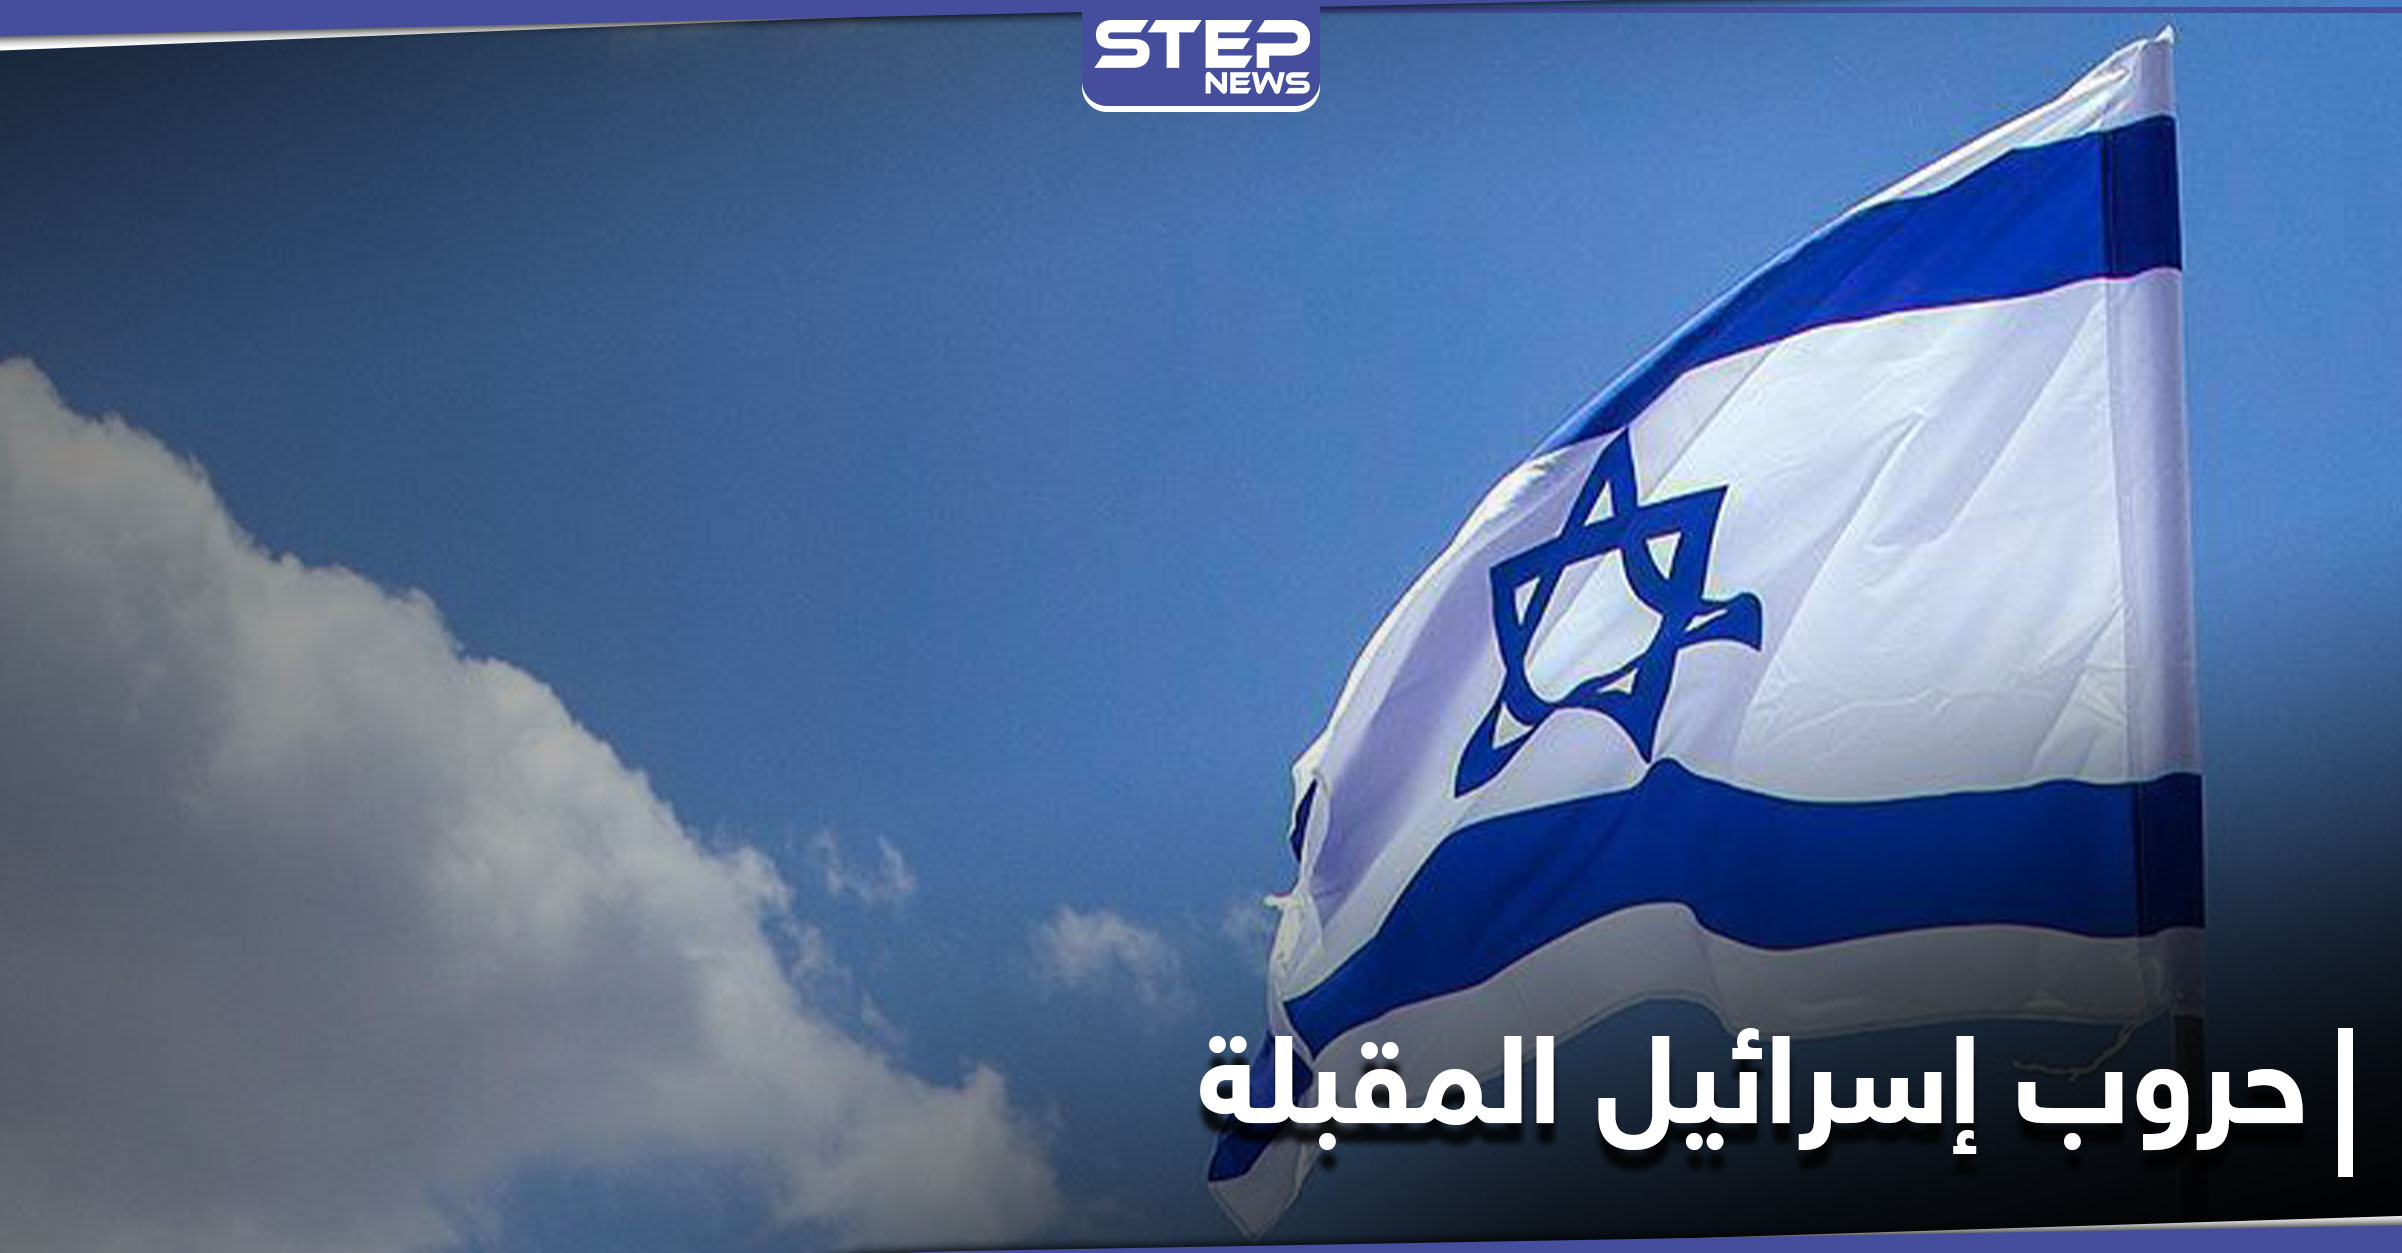 """الدفاع الإسرائيلية تتحدث عن """"خريطة سرية"""" لضرب مواقع نووية إيرانية ولحزب الله """"نصيب"""" منها"""